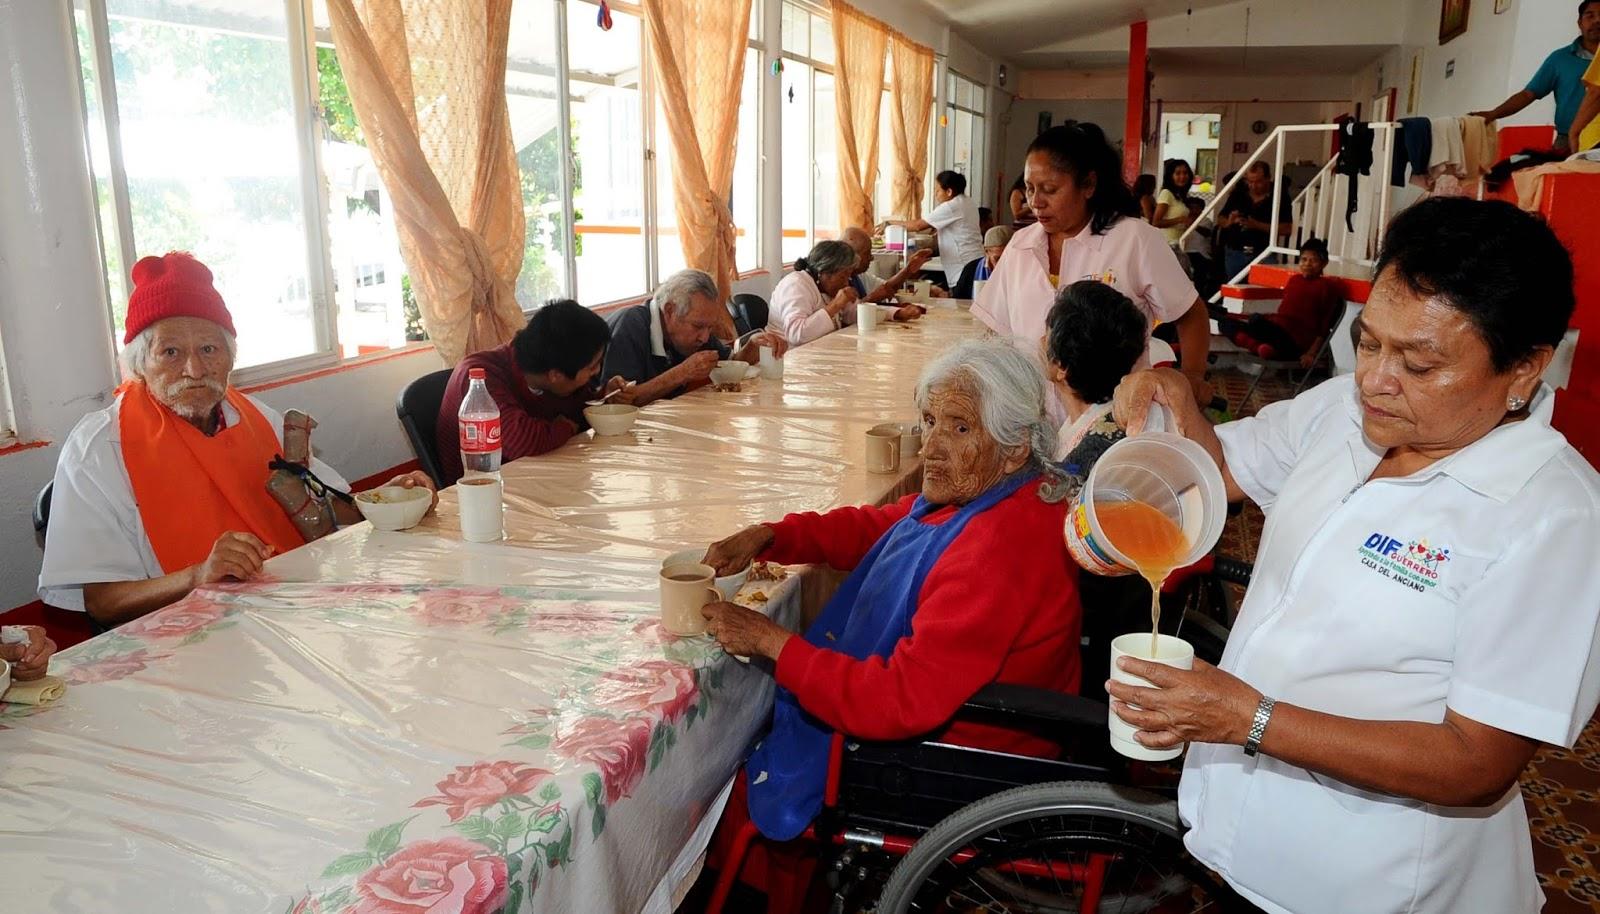 Sd la casa hogar del adulto mayor un espacio para la armon a y la felicidad - Casa para ancianos ...